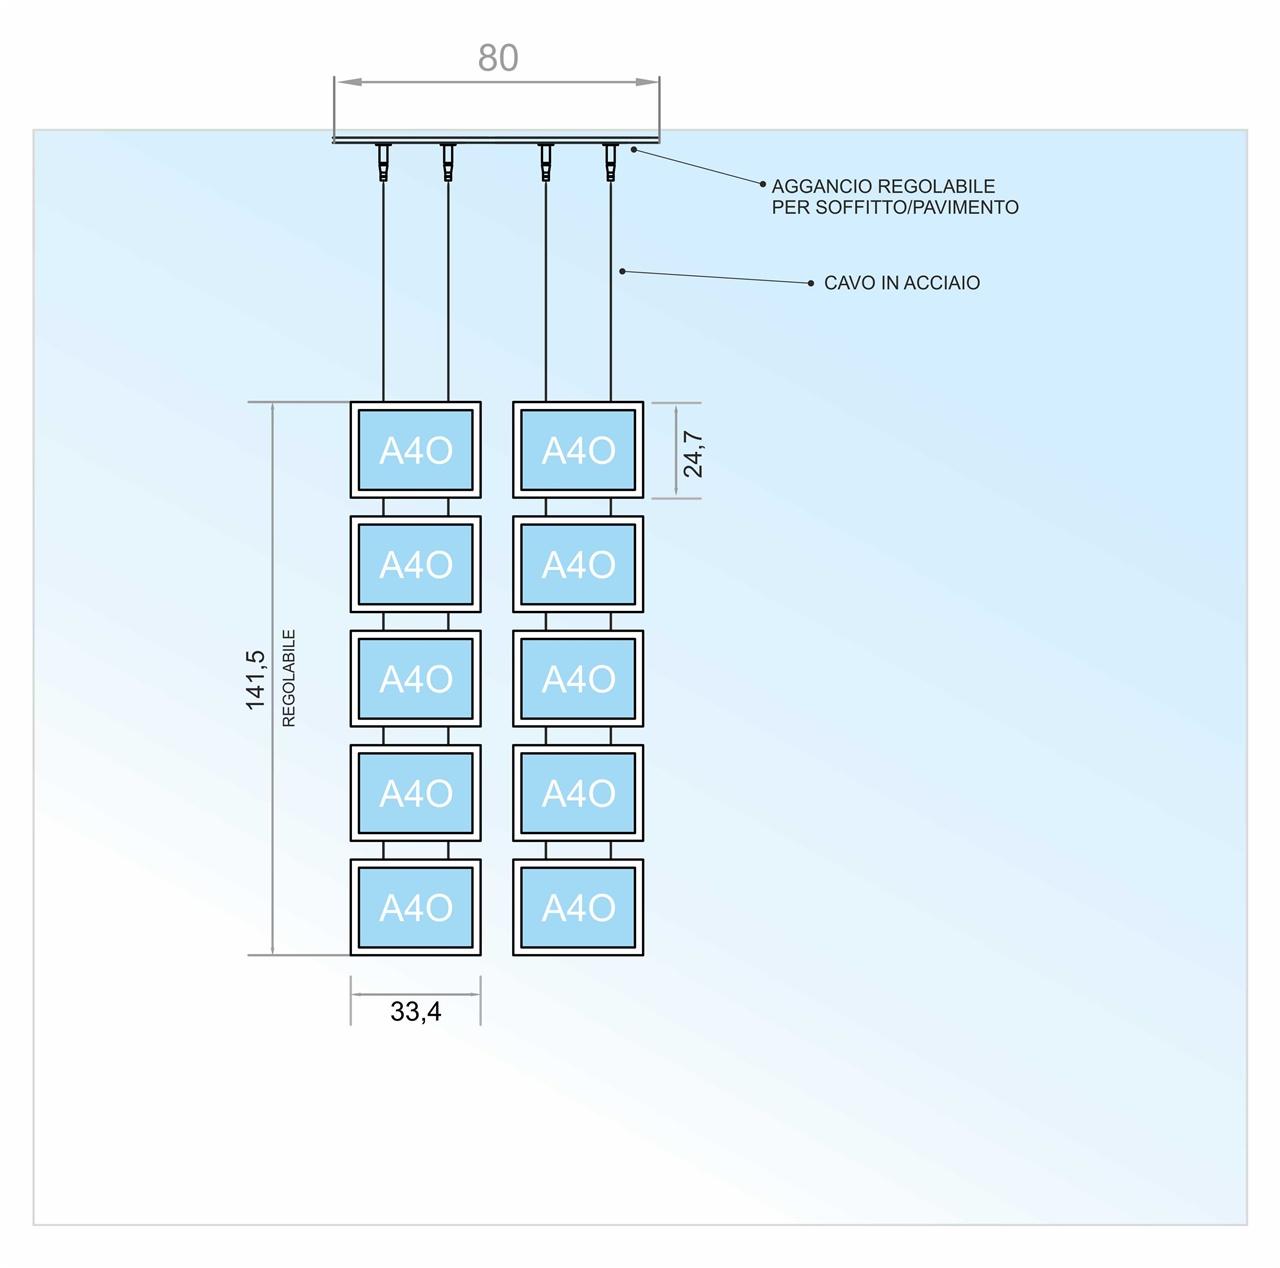 Espositore a cavetti con 10 tasche a led f.to A4 orizzontale (5 V. x 2 O.)